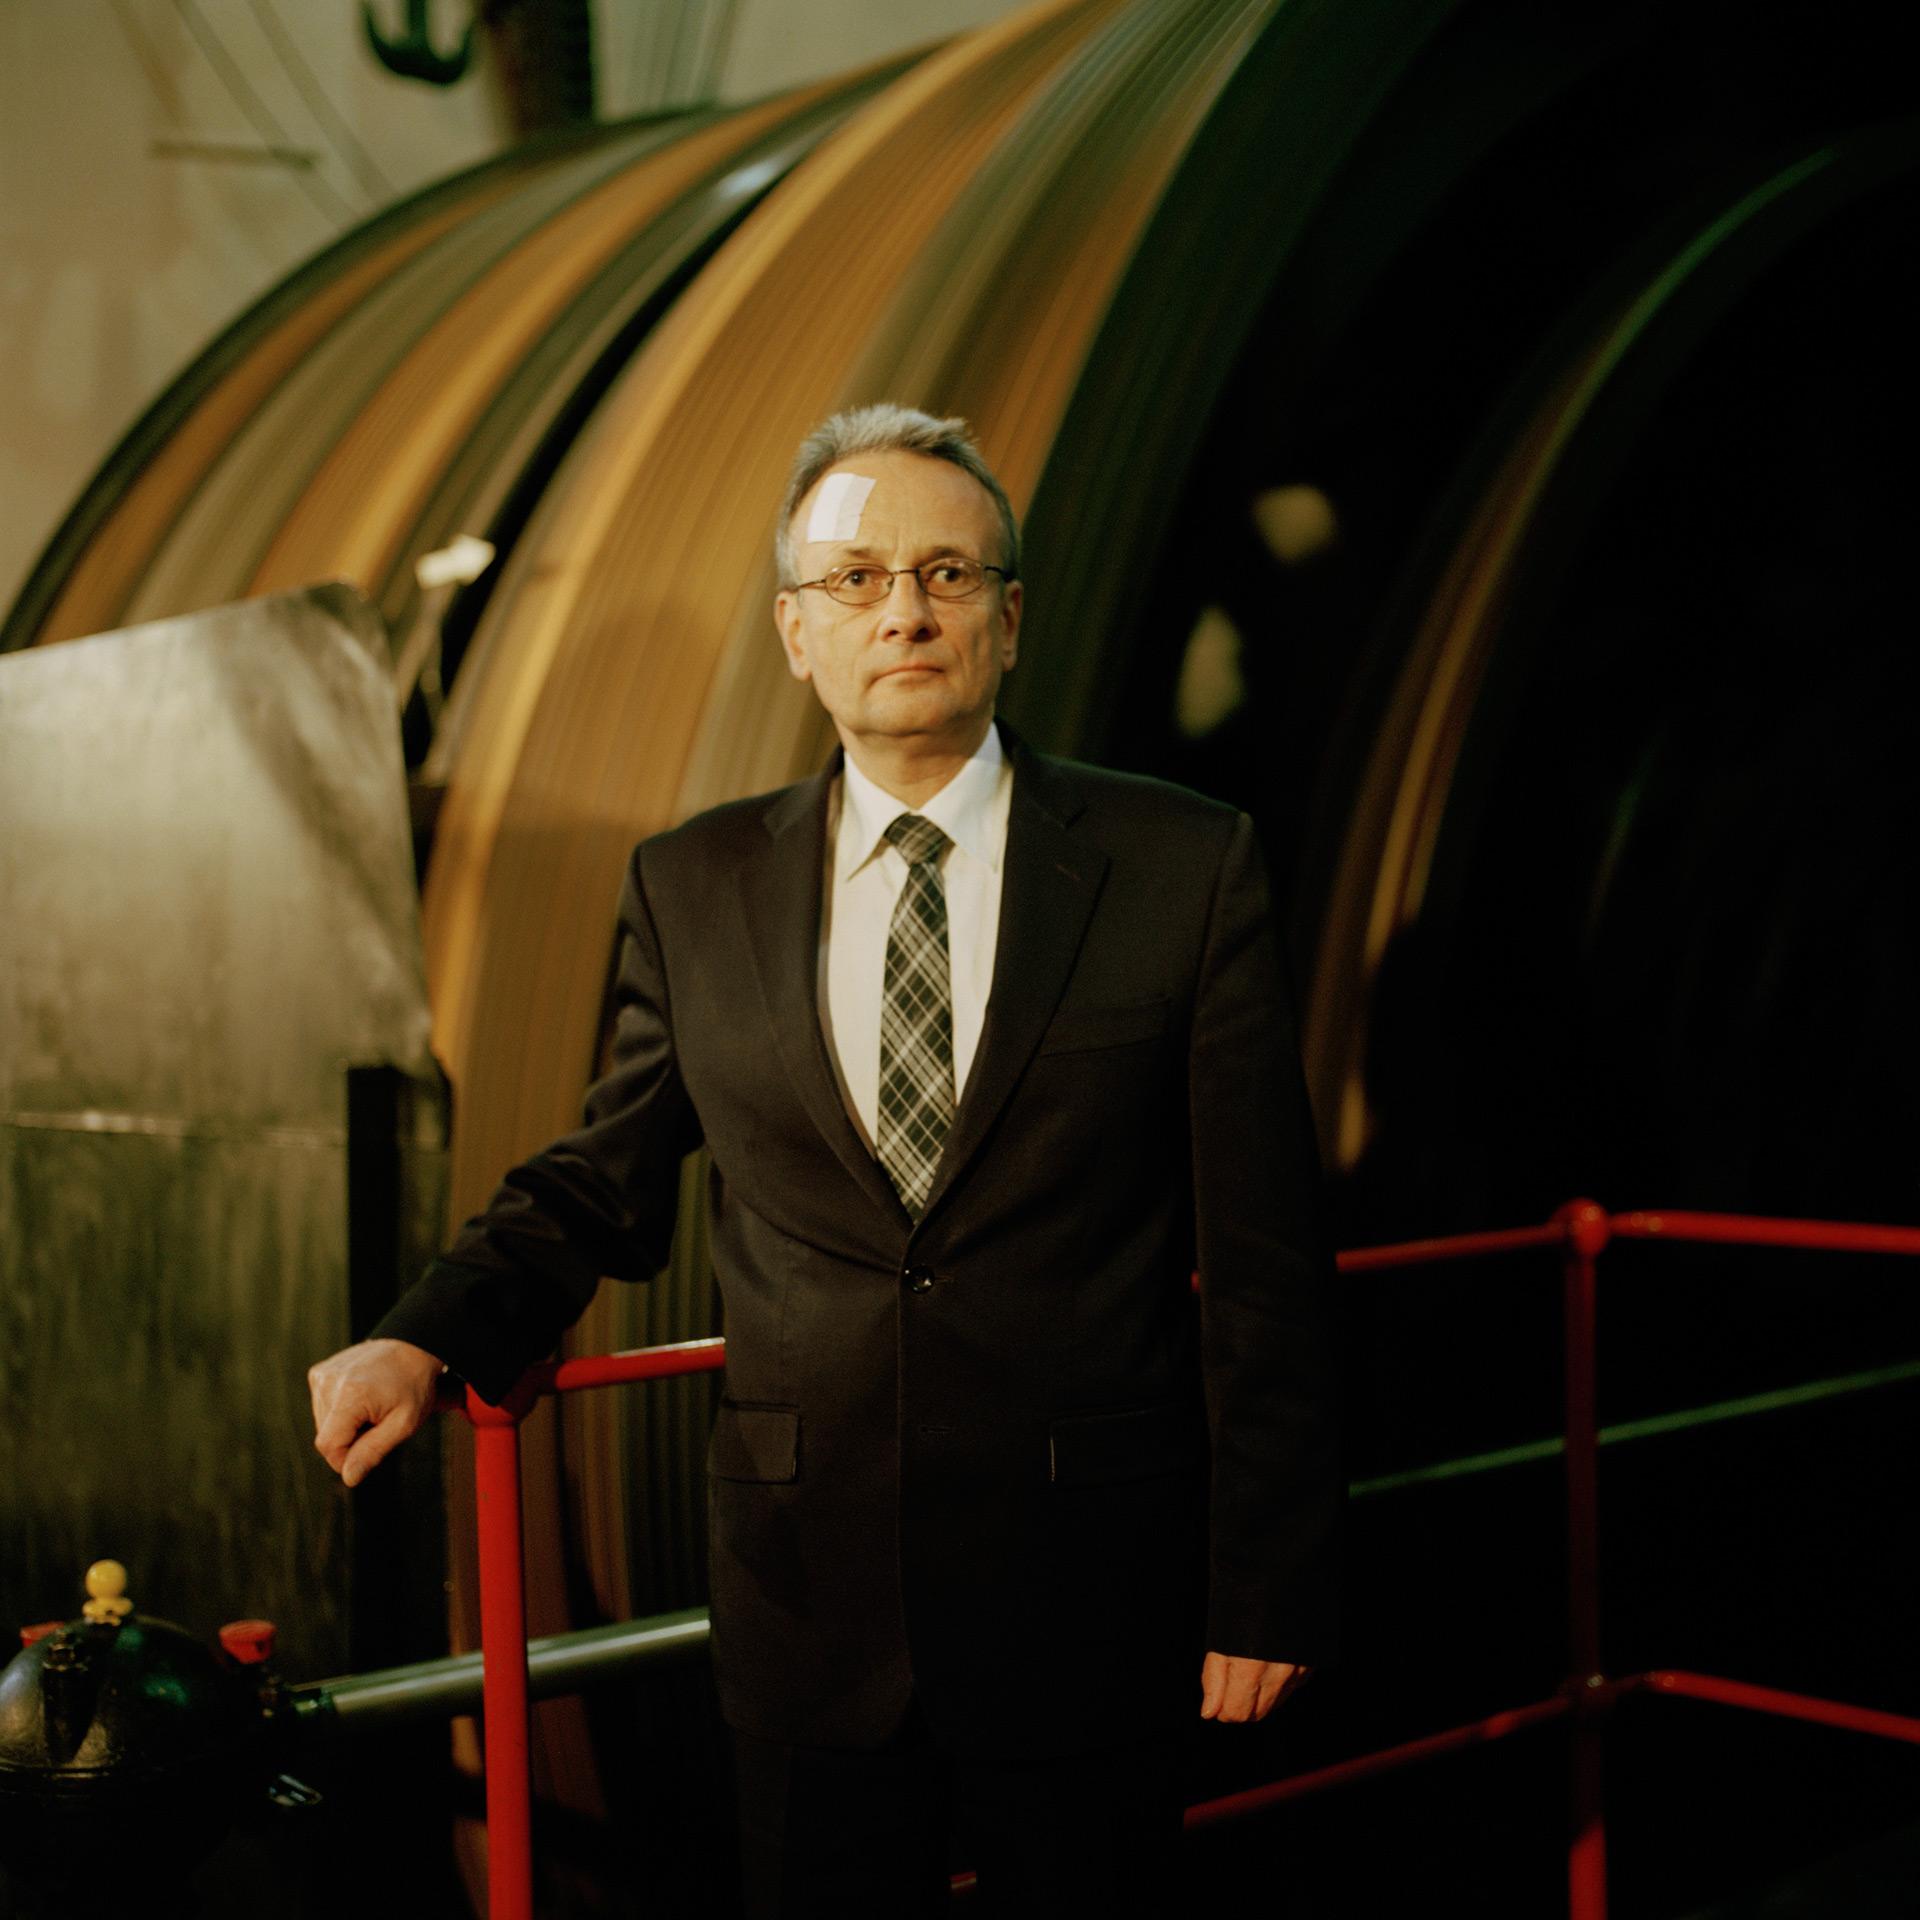 Marek Dmitriew (né en 1959), directeur du musée de la mine de Guido. Zabrze. 2013